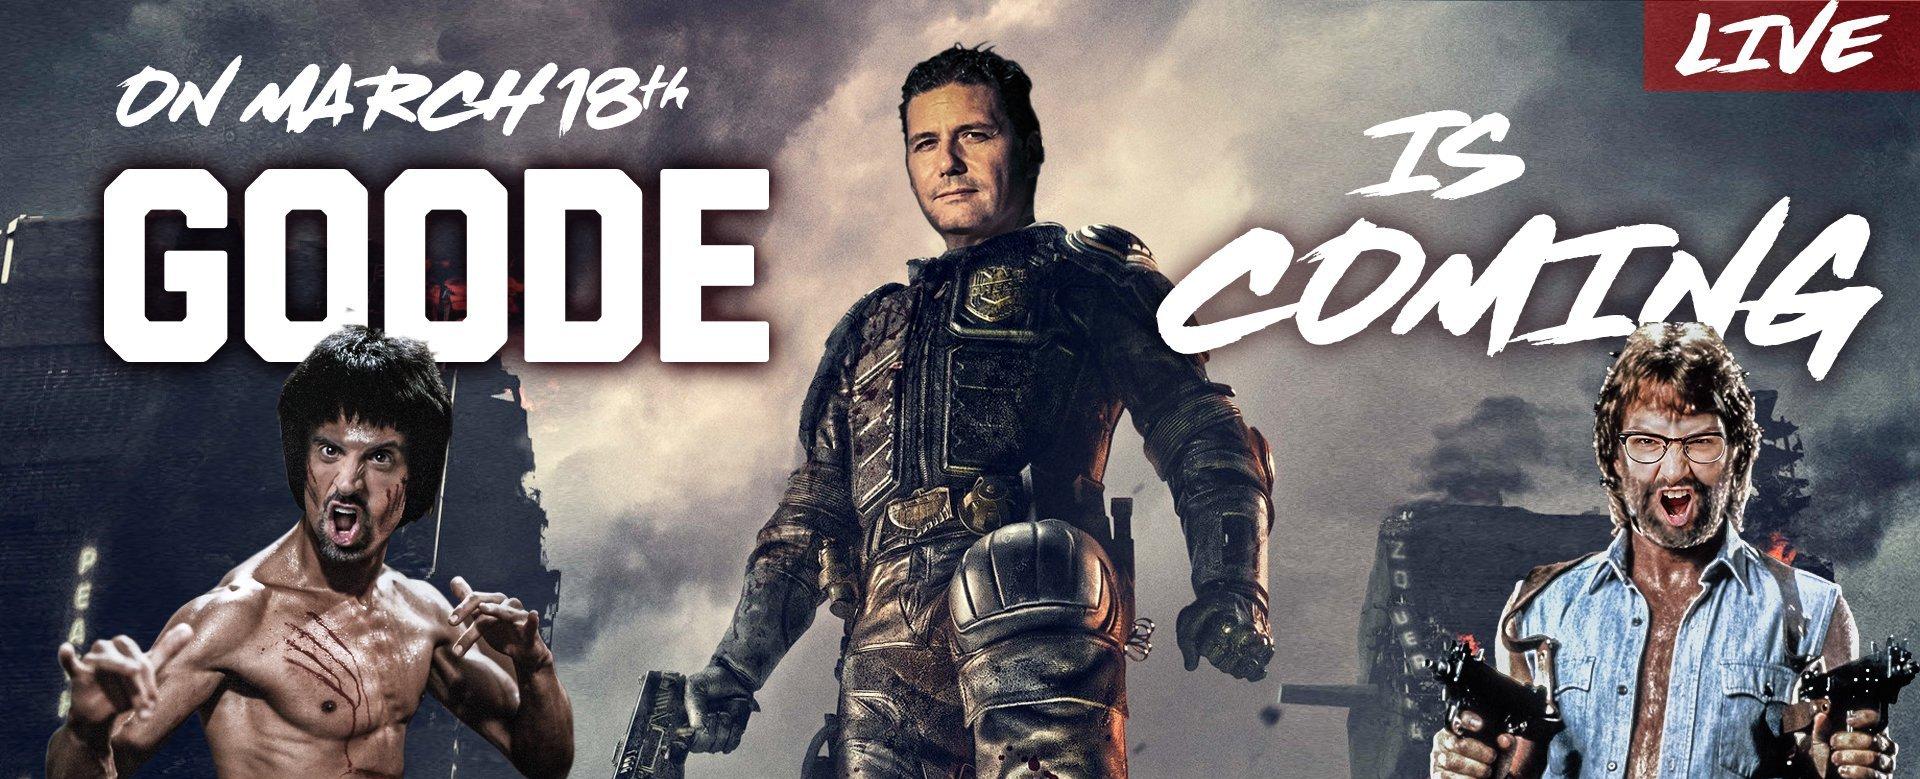 Edge Of Wonder 18/03/19 – Corey Goode – mise à jour de L'Alliance, l'Antarctique, l'espionnage des données personnelles et l'IA…